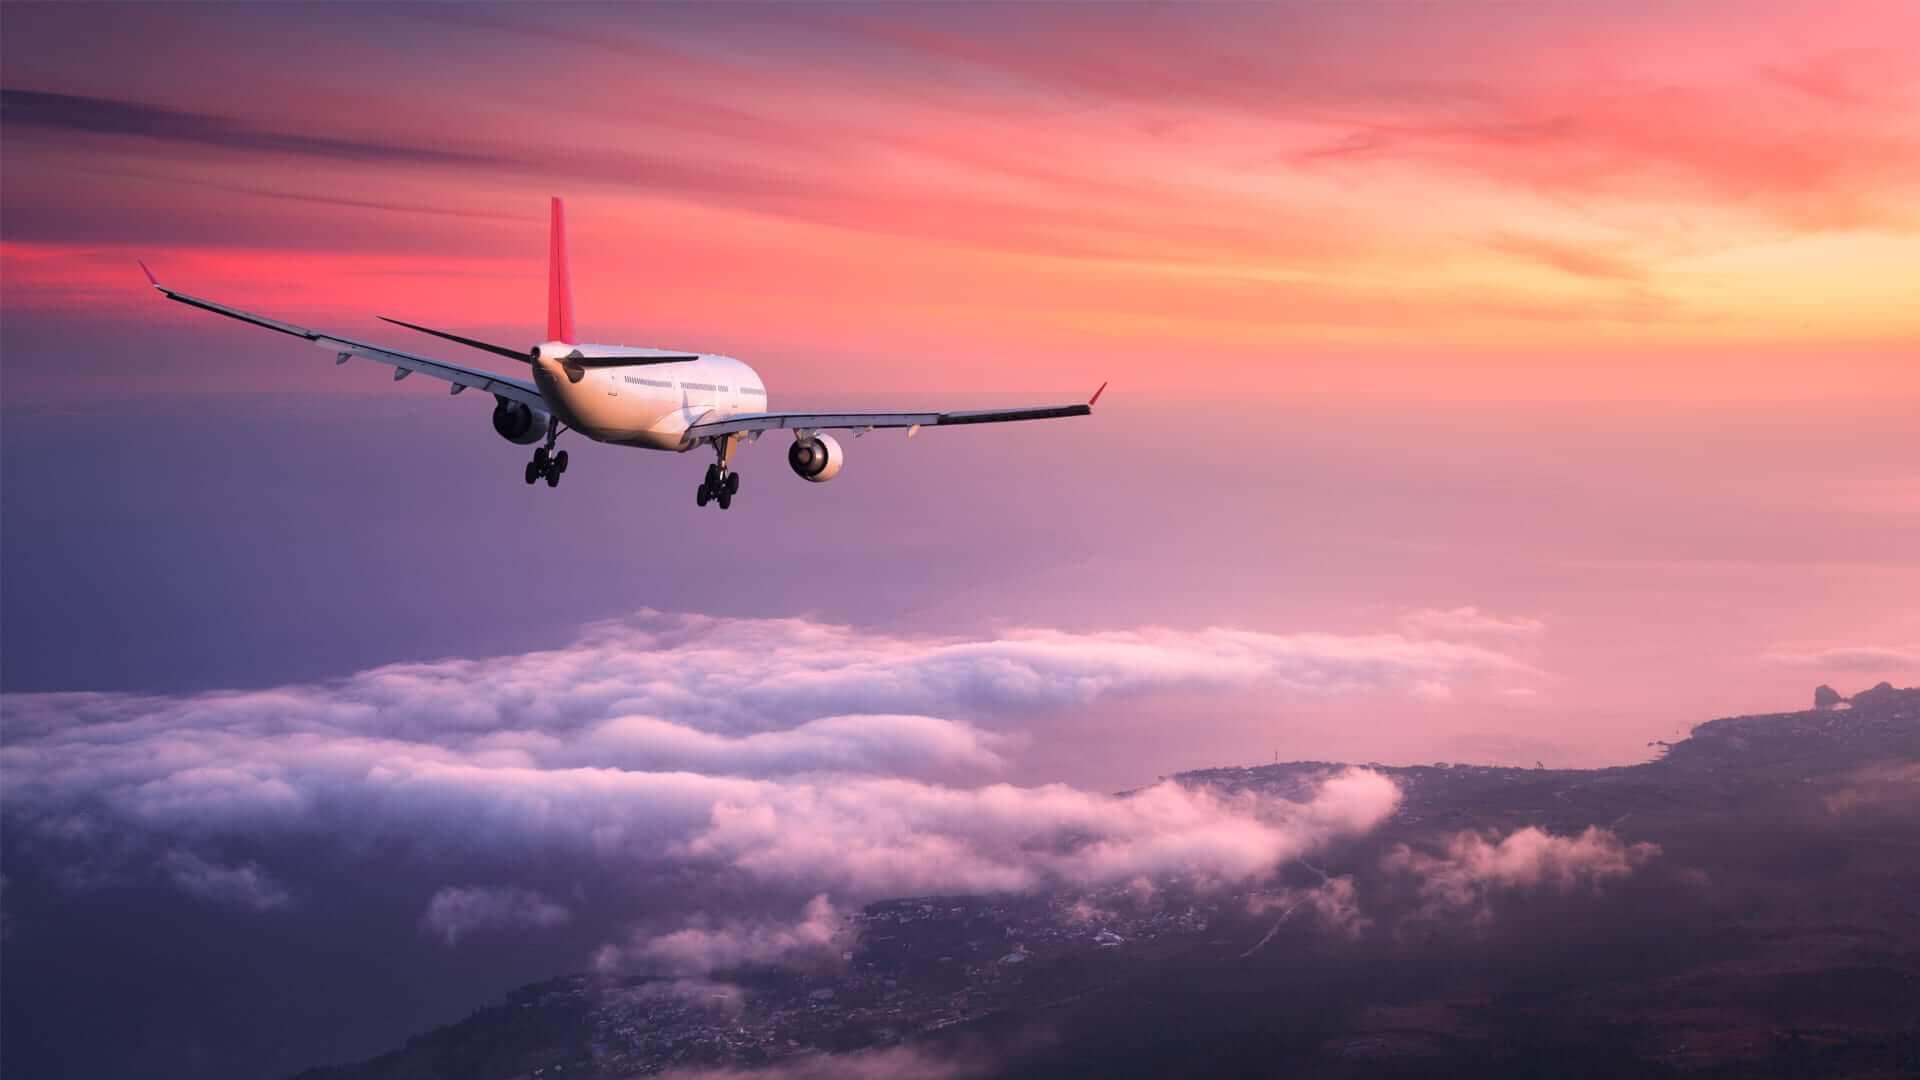 Kejatuhan pesawat terbang - Fakta-fakta Klaim Asuransi Setelah Banjir dan Pentingnya Lindungi Rumah